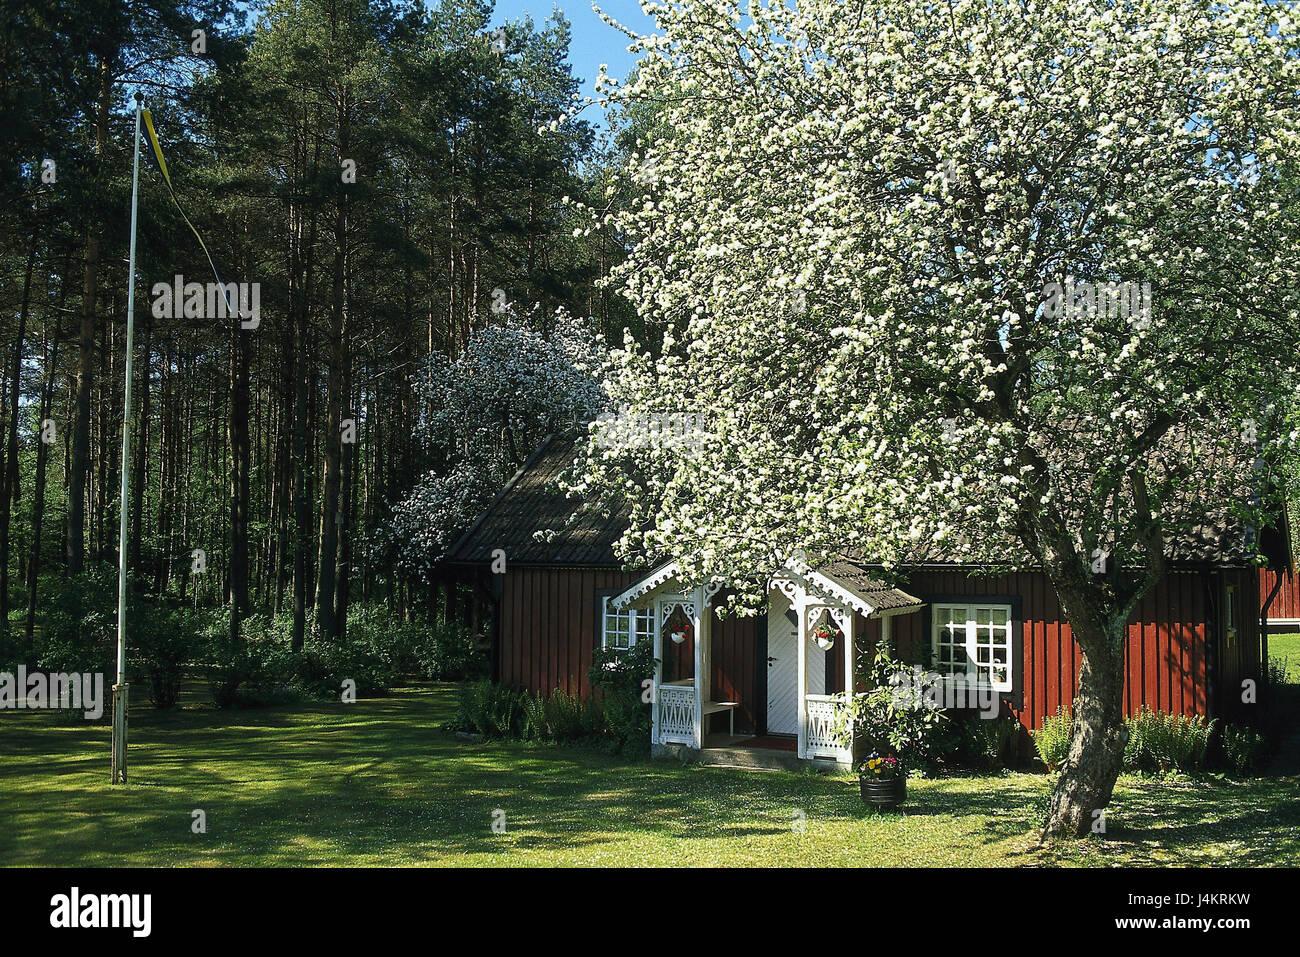 Los suecos, Västergötland, muelle, madera, casa residencial en Escandinavia, la naturaleza, el descanso, el silencio, la casa, árbol, flor, casa, casa de madera Foto de stock